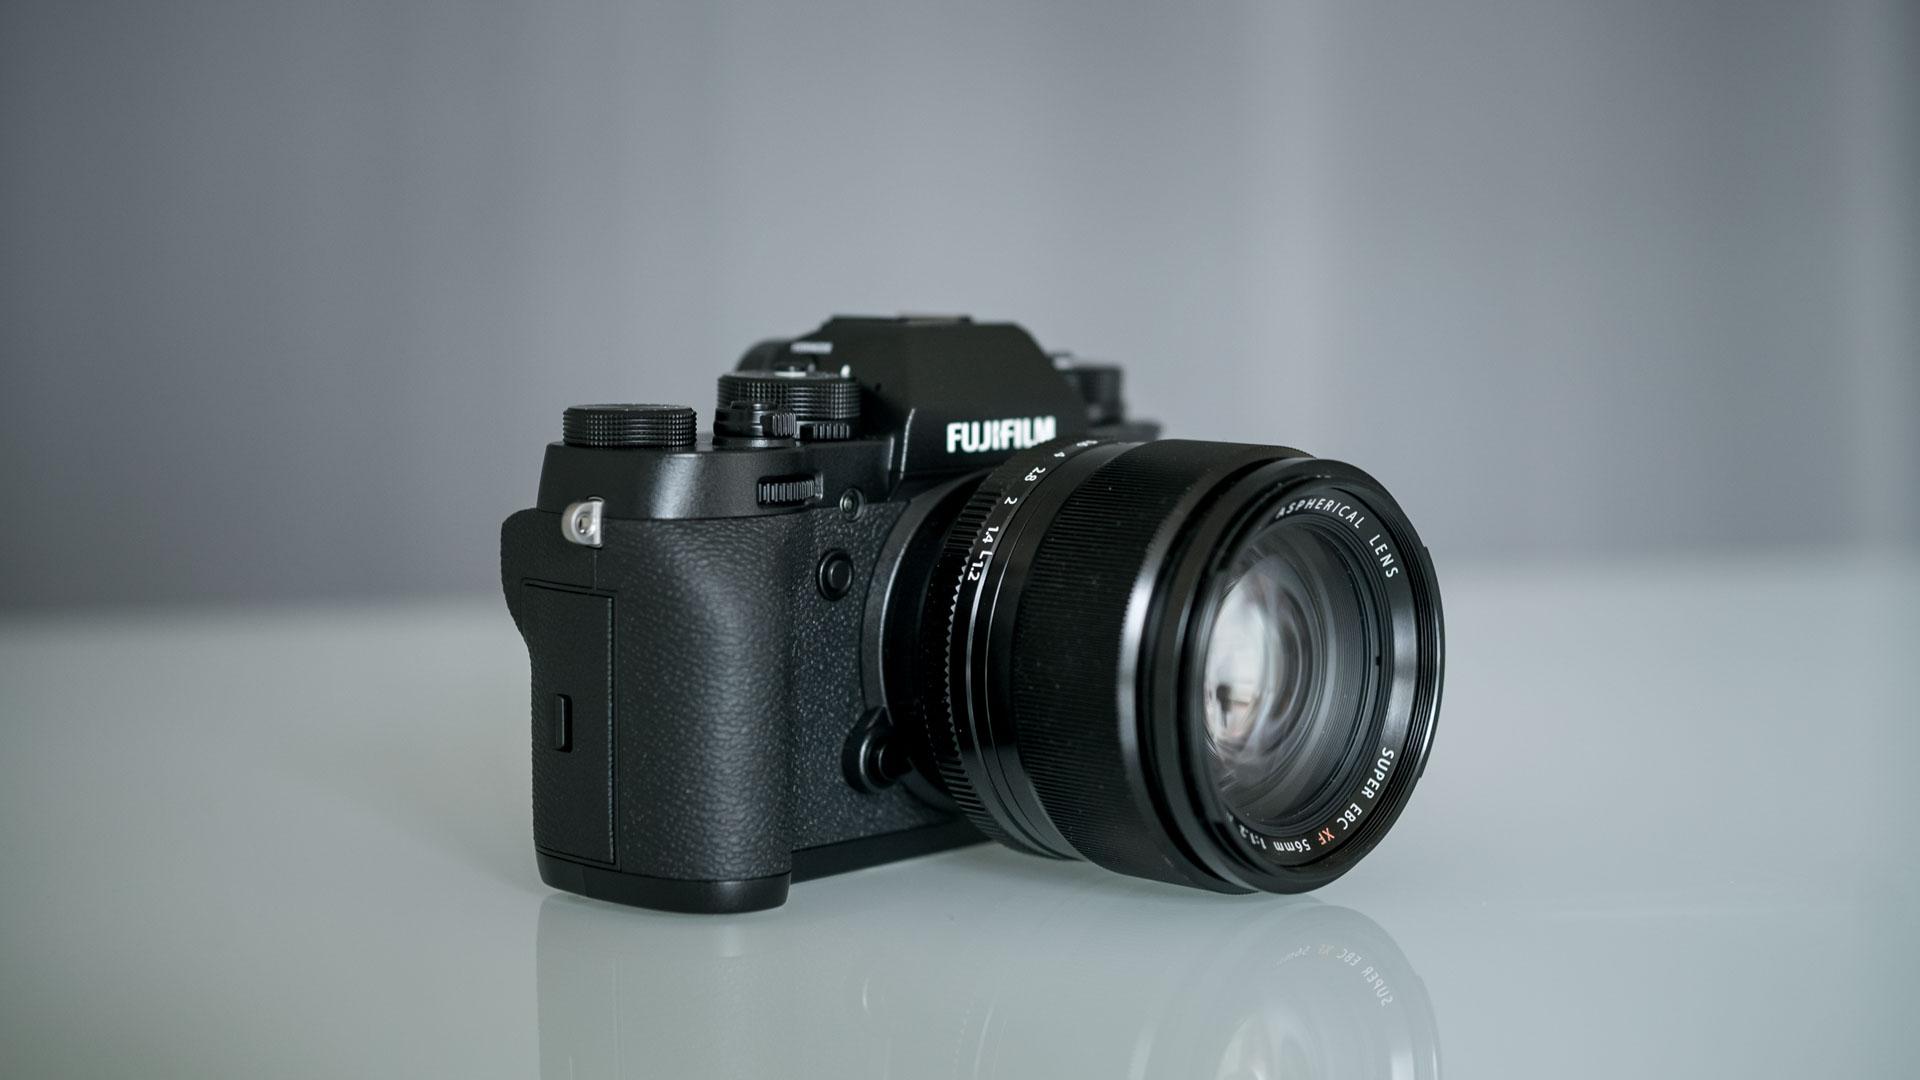 لرزشگیر دوربین Fujifilm X-T2S در داخل بدنه تعبیه خواهد شد